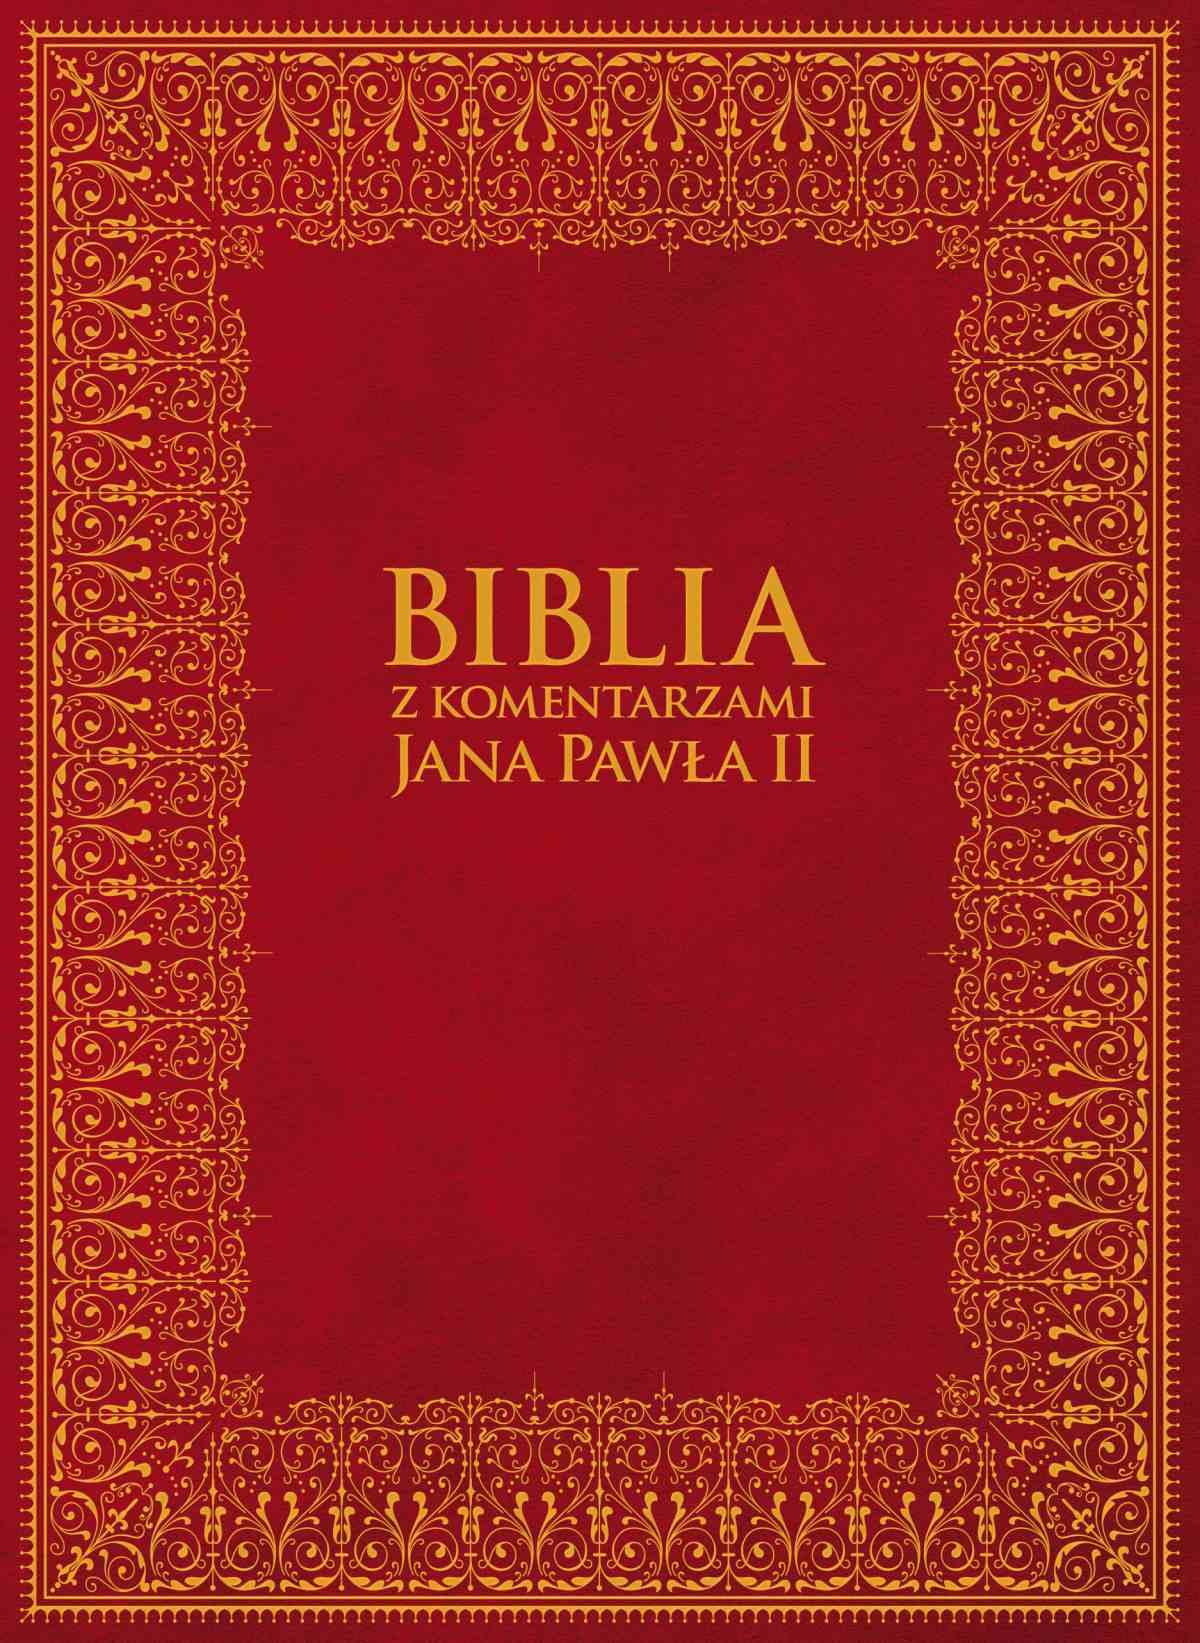 Biblia z Komentarzami Jana Pawła II - Ebook (Książka EPUB) do pobrania w formacie EPUB